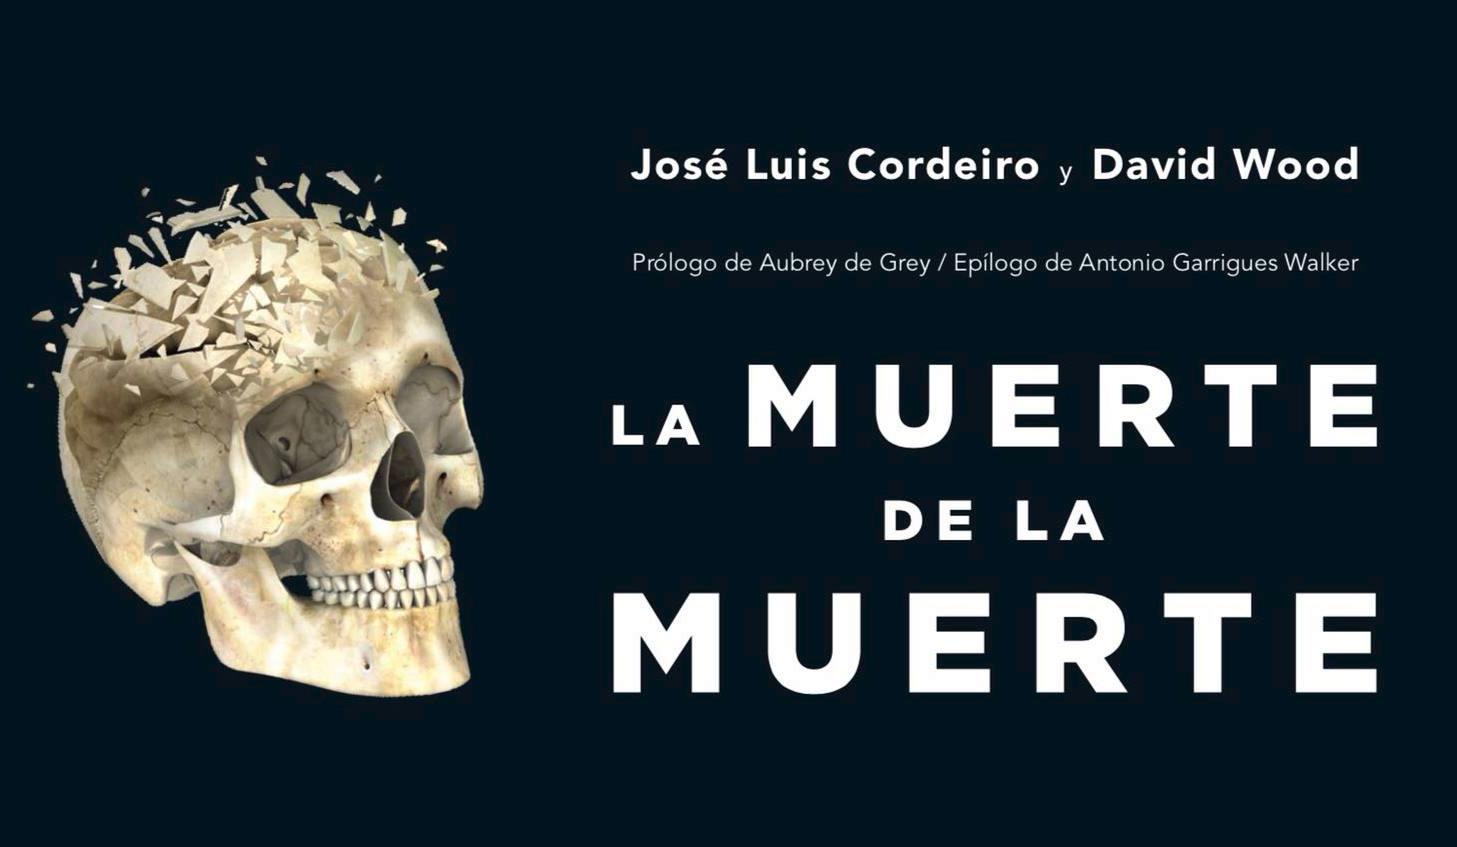 'La muerte de la muerte: Avances científicos hacia la longevidad indefinida' de José Luis Cordeiro y David Wood.